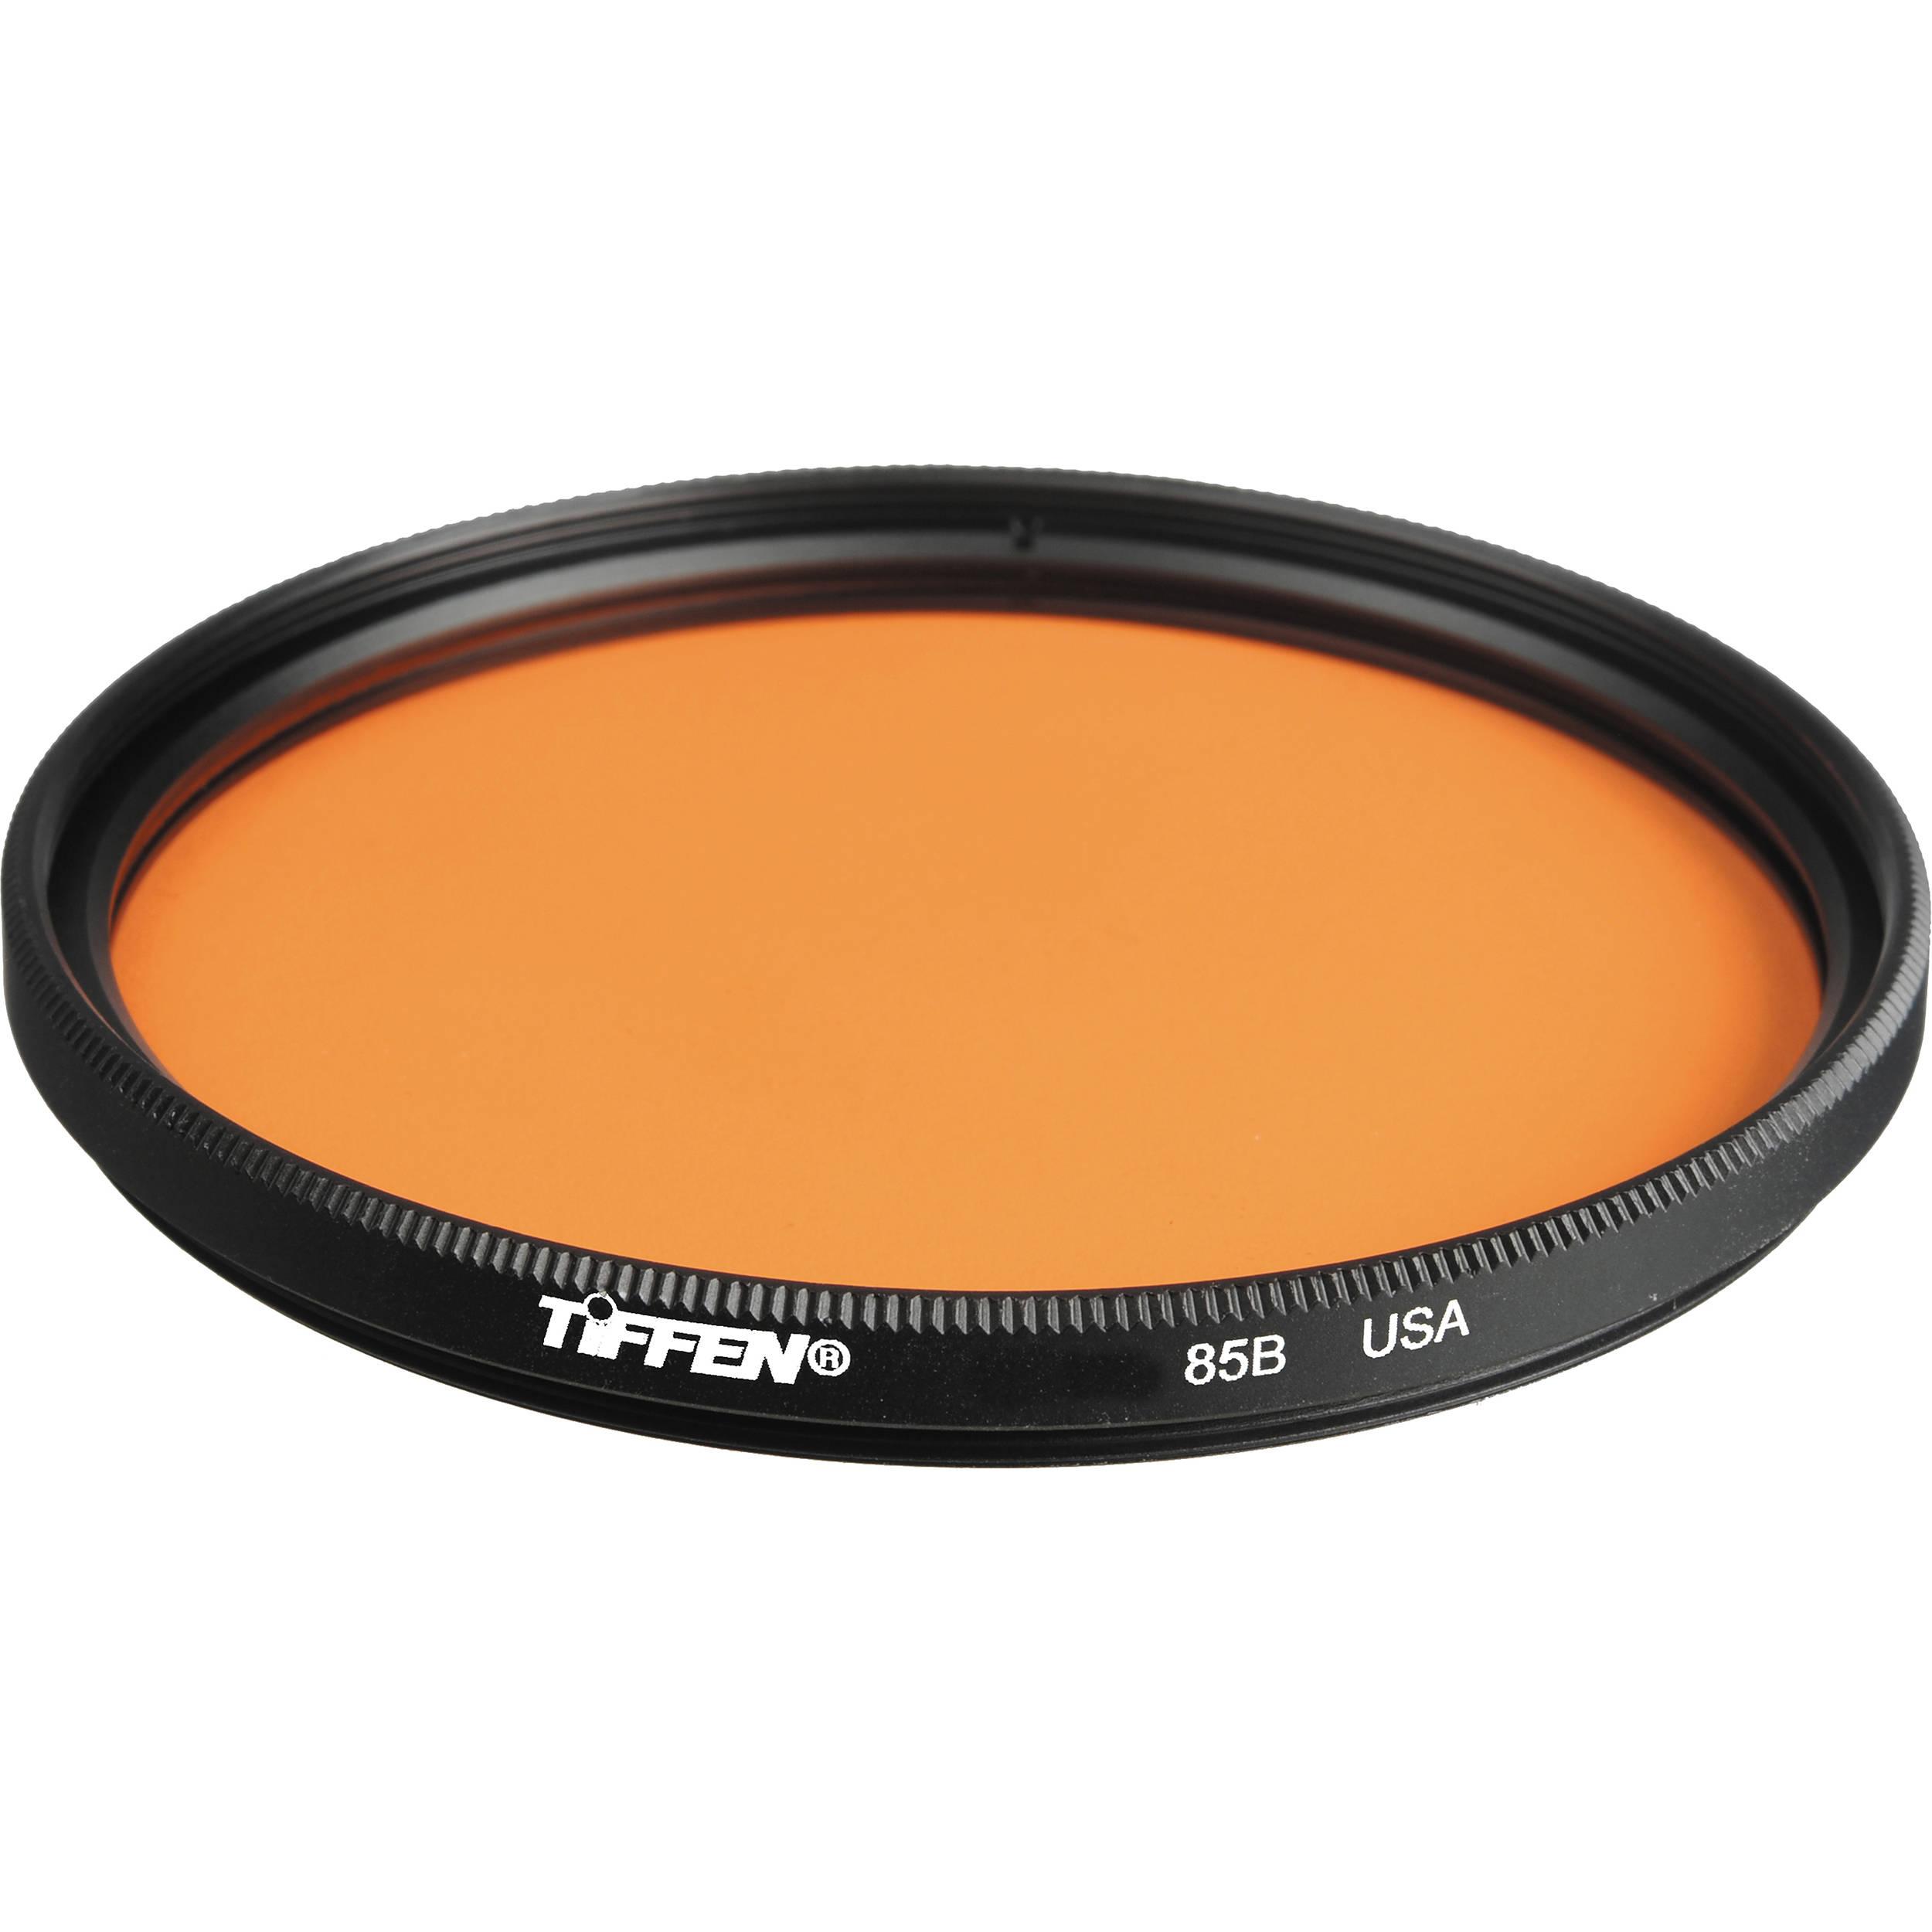 Tiffen 58mm Neutral Density 0.3 Filter